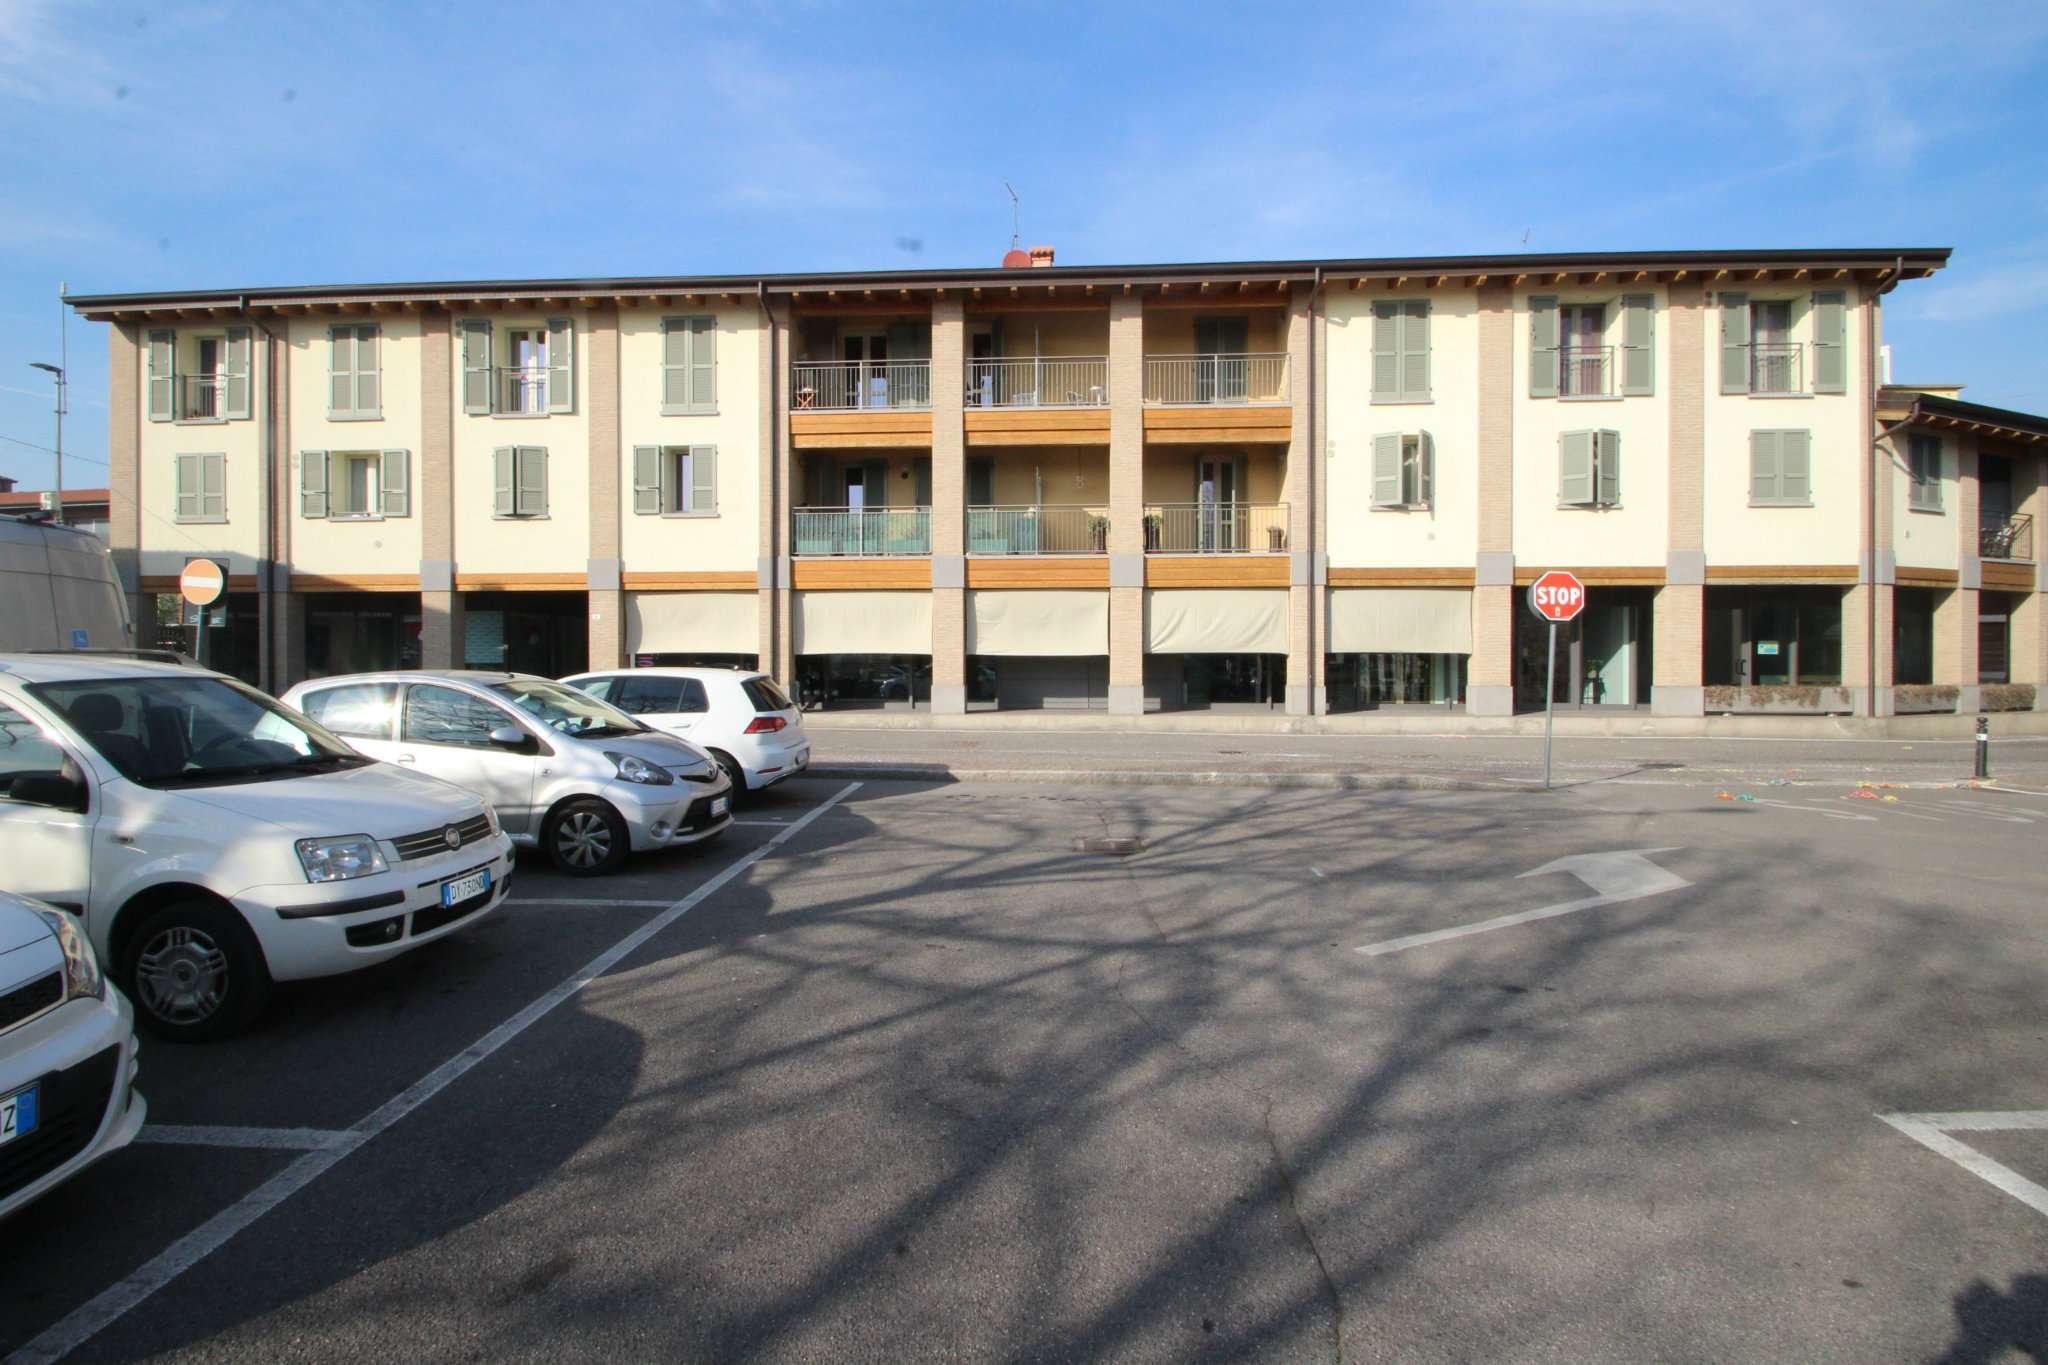 Appartamento in vendita a Bonate Sotto, 1 locali, prezzo € 59.000 | PortaleAgenzieImmobiliari.it